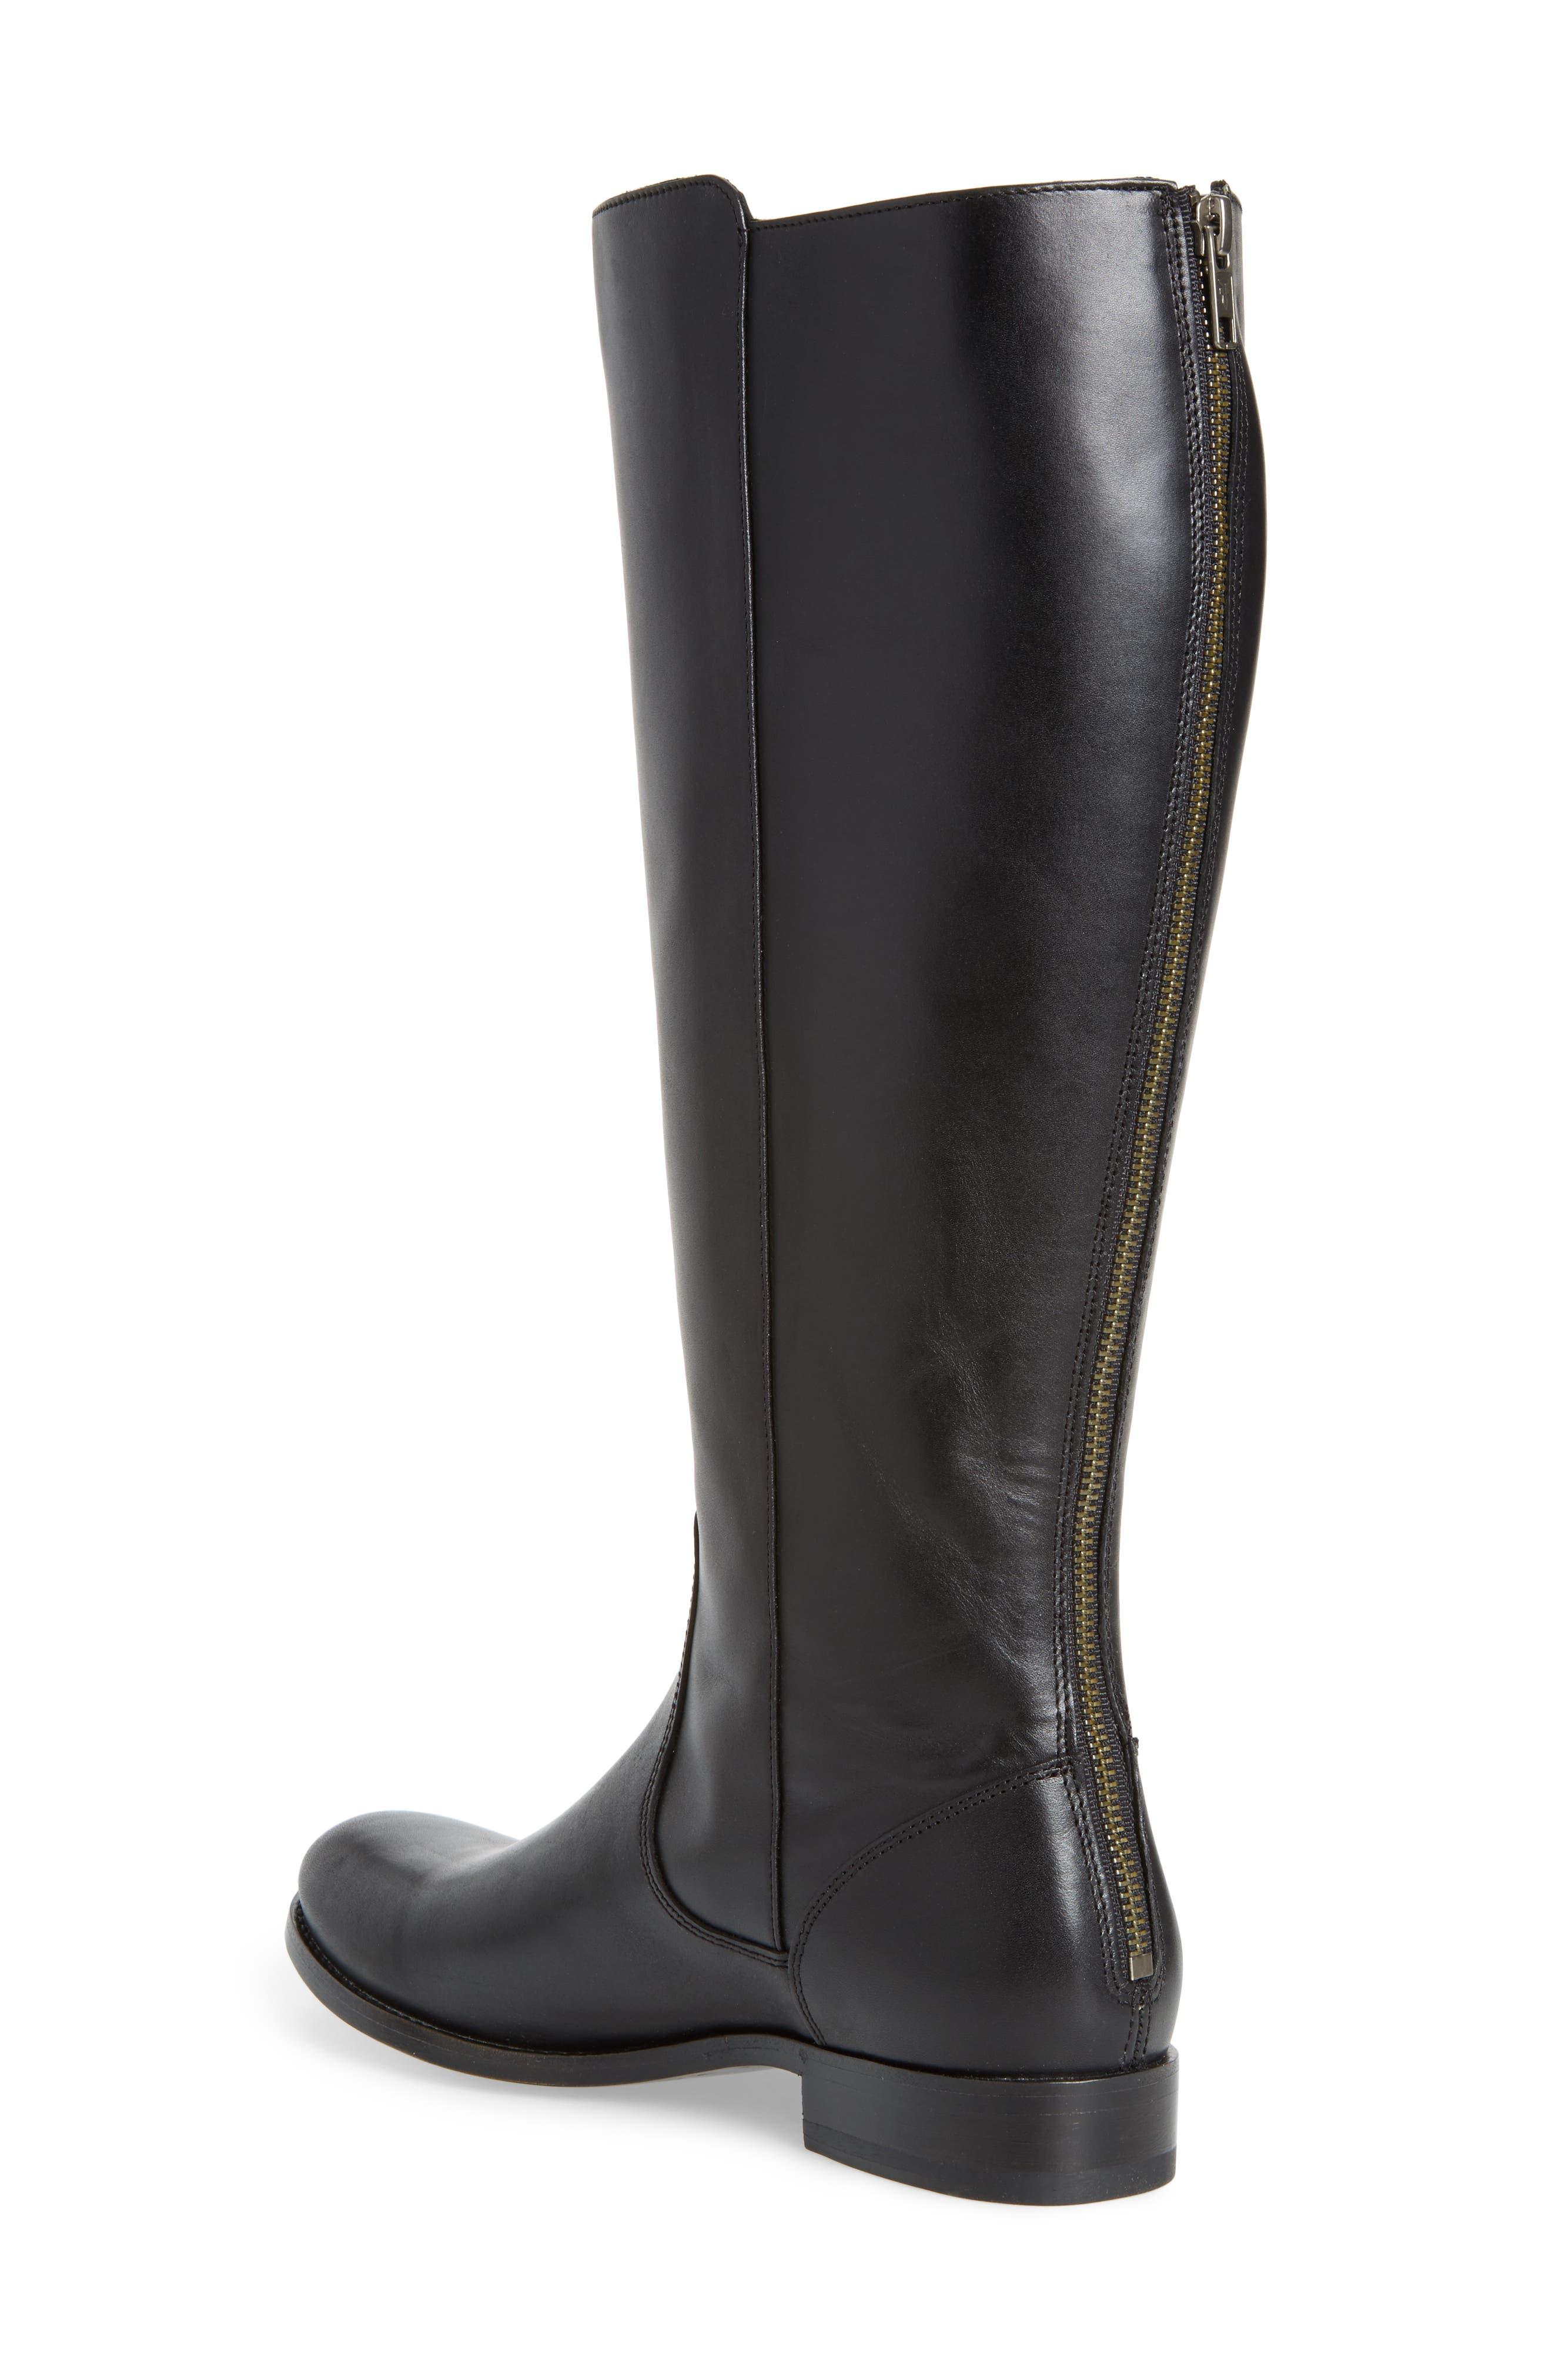 Melissa Stud Knee High Boot,                             Alternate thumbnail 2, color,                             015